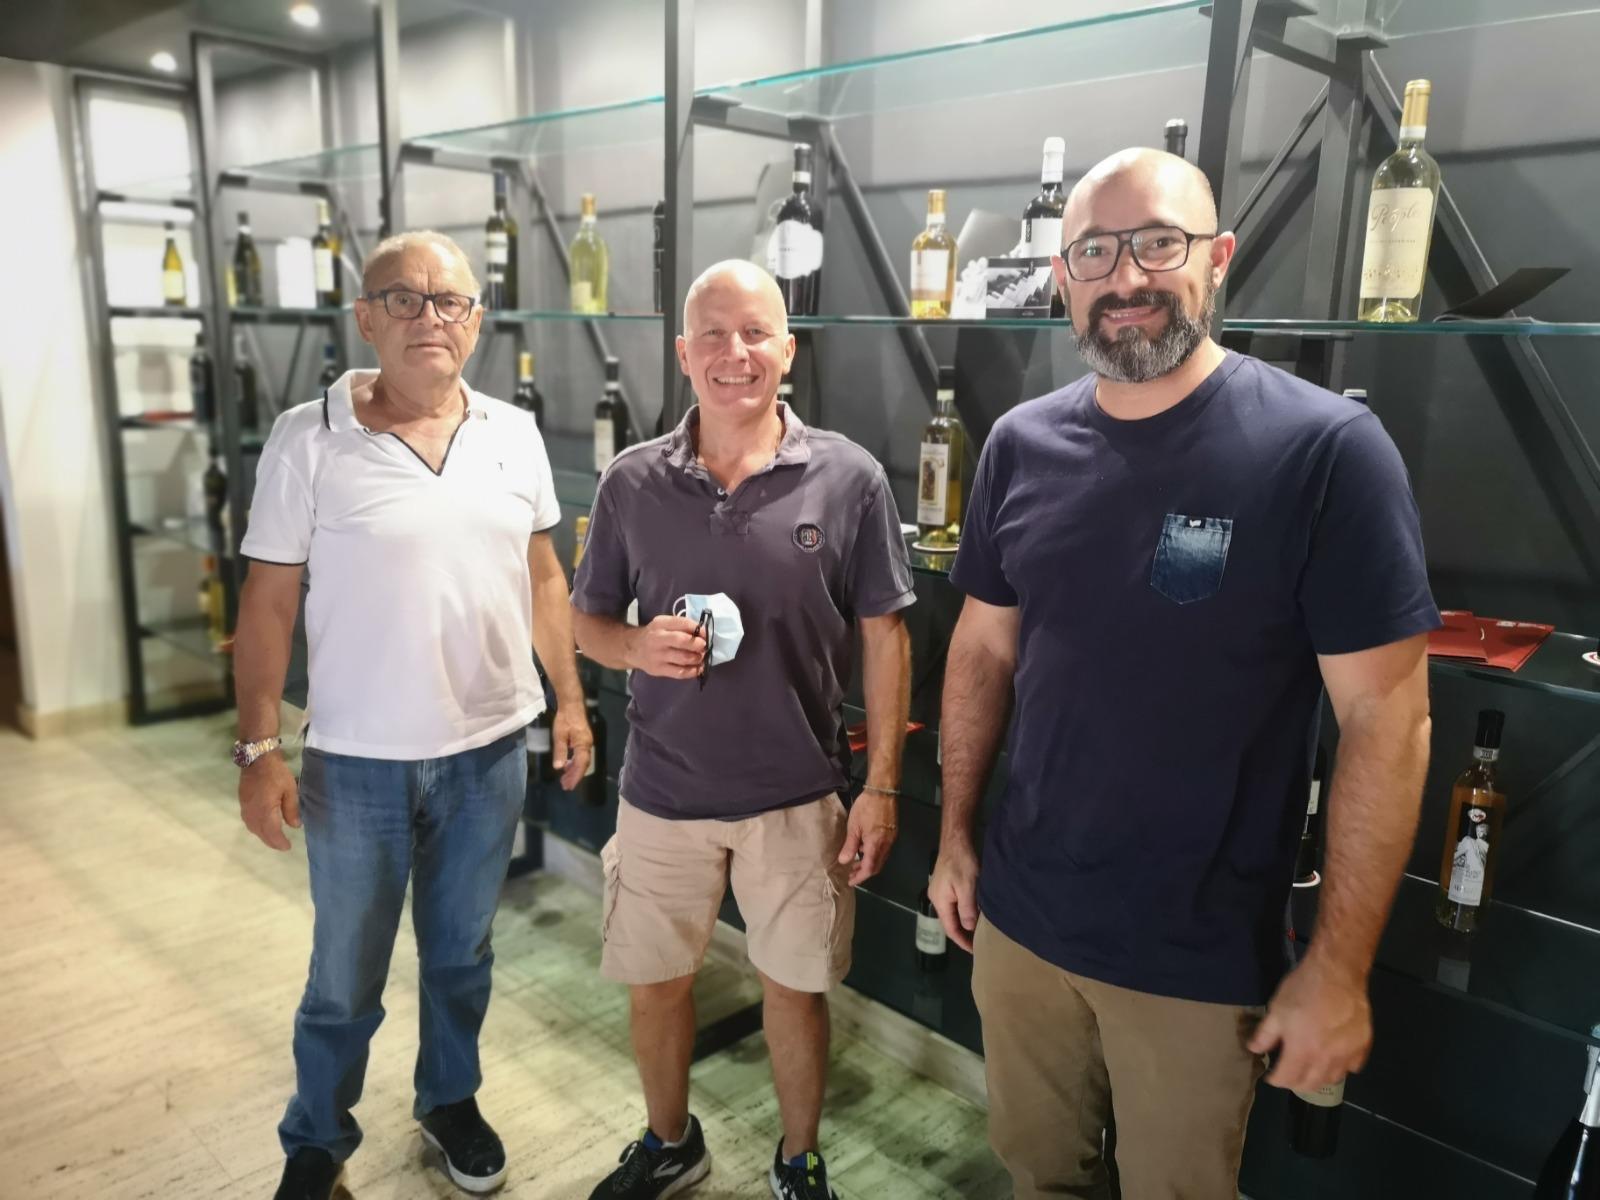 Frascati, il consorzio vini Frascati incontra ristoratori e albergatori per il rilancio del turismo